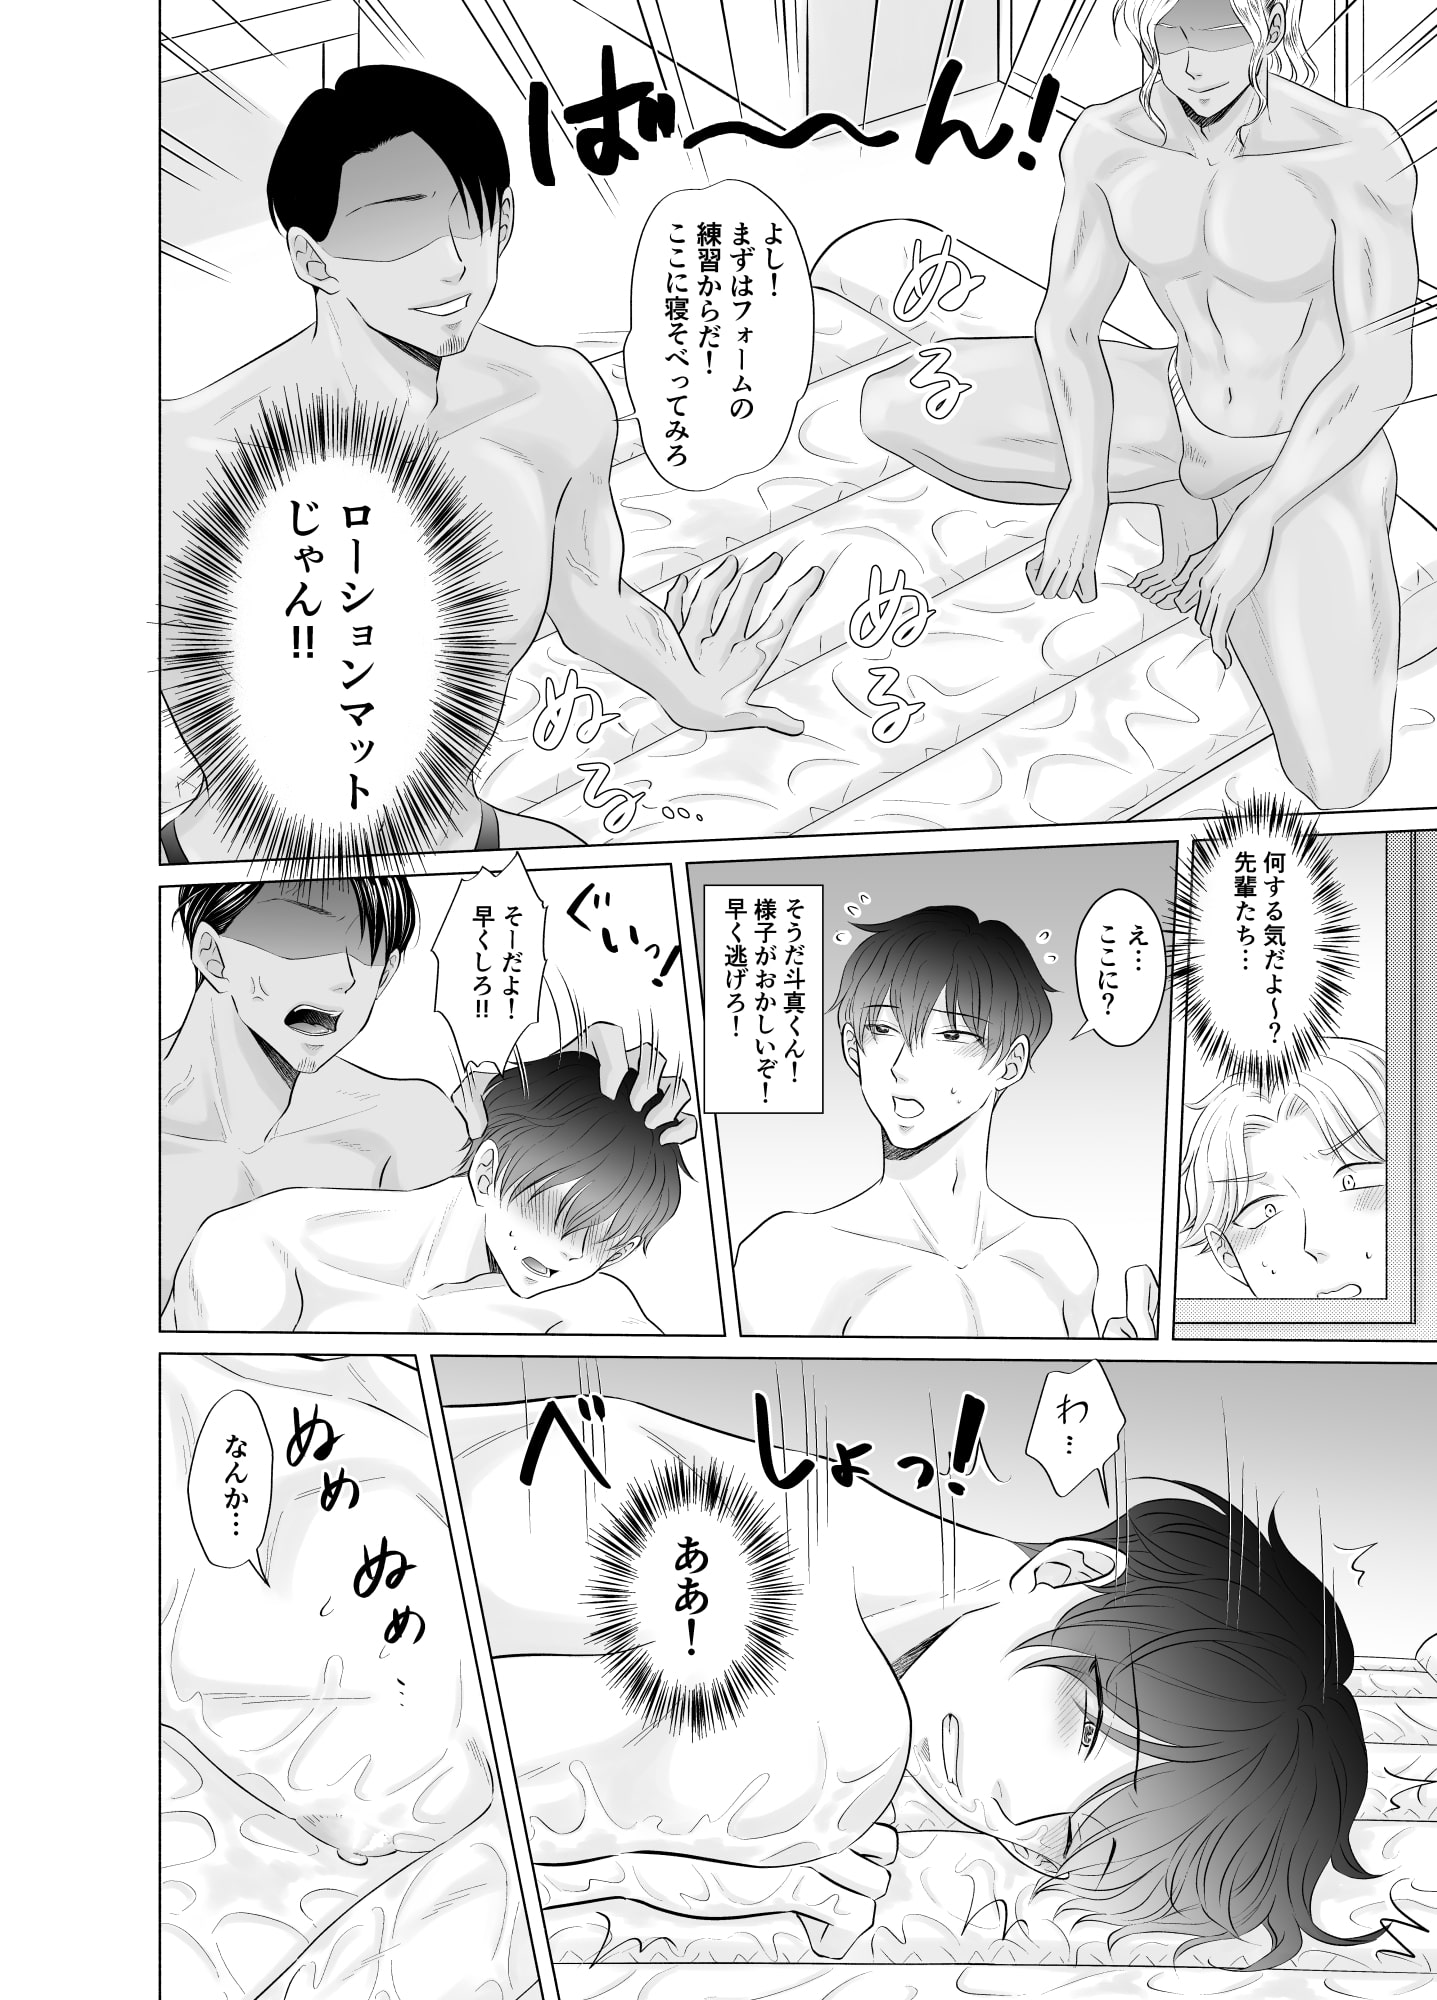 苦学生斗真くんのグレーなバイト2.5 ~プールサイドの受難~